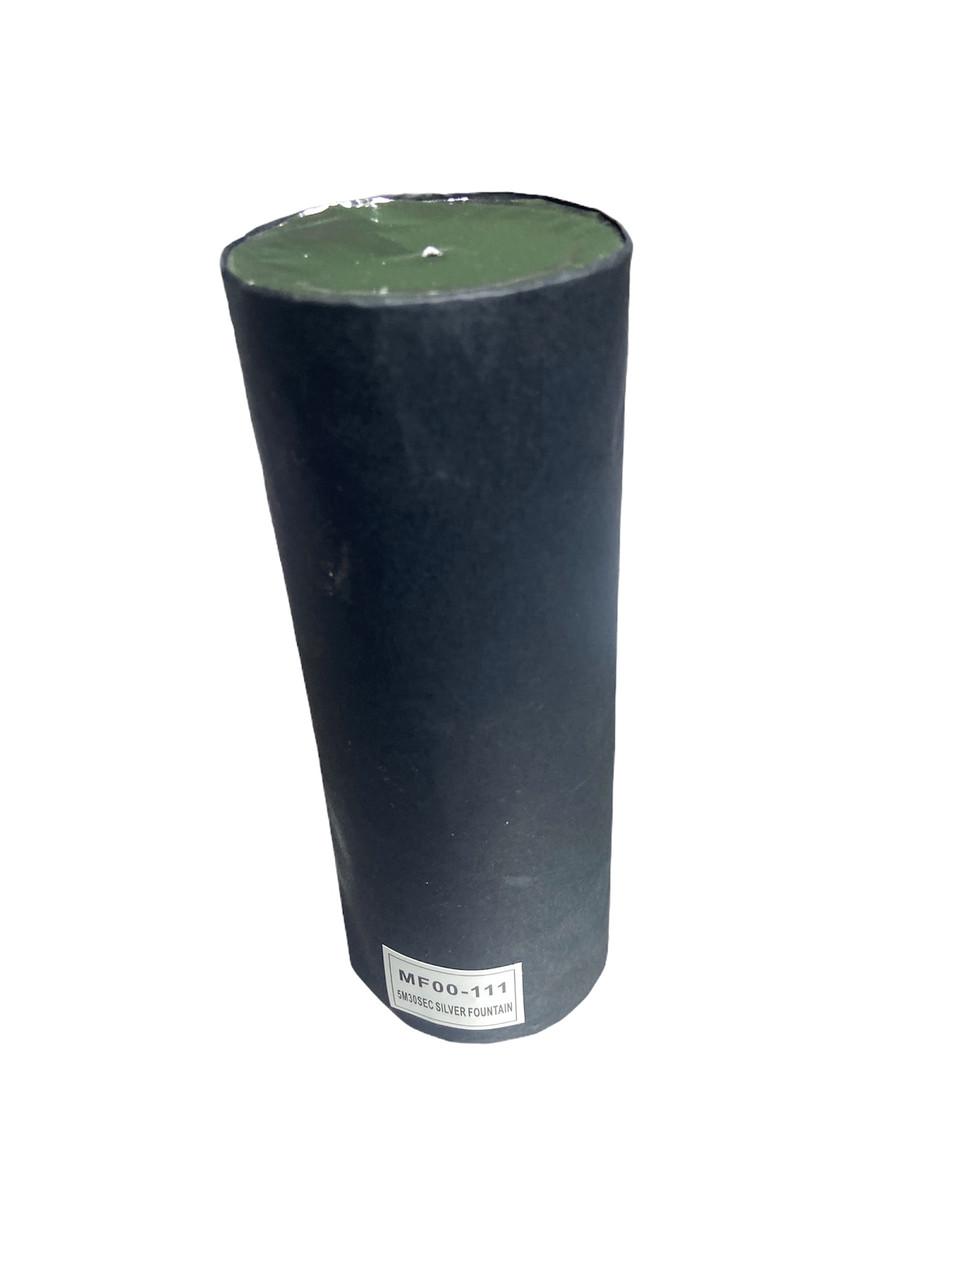 Холодний фонтан сценічний MF00-111 Maxsem, 5м 30 сек